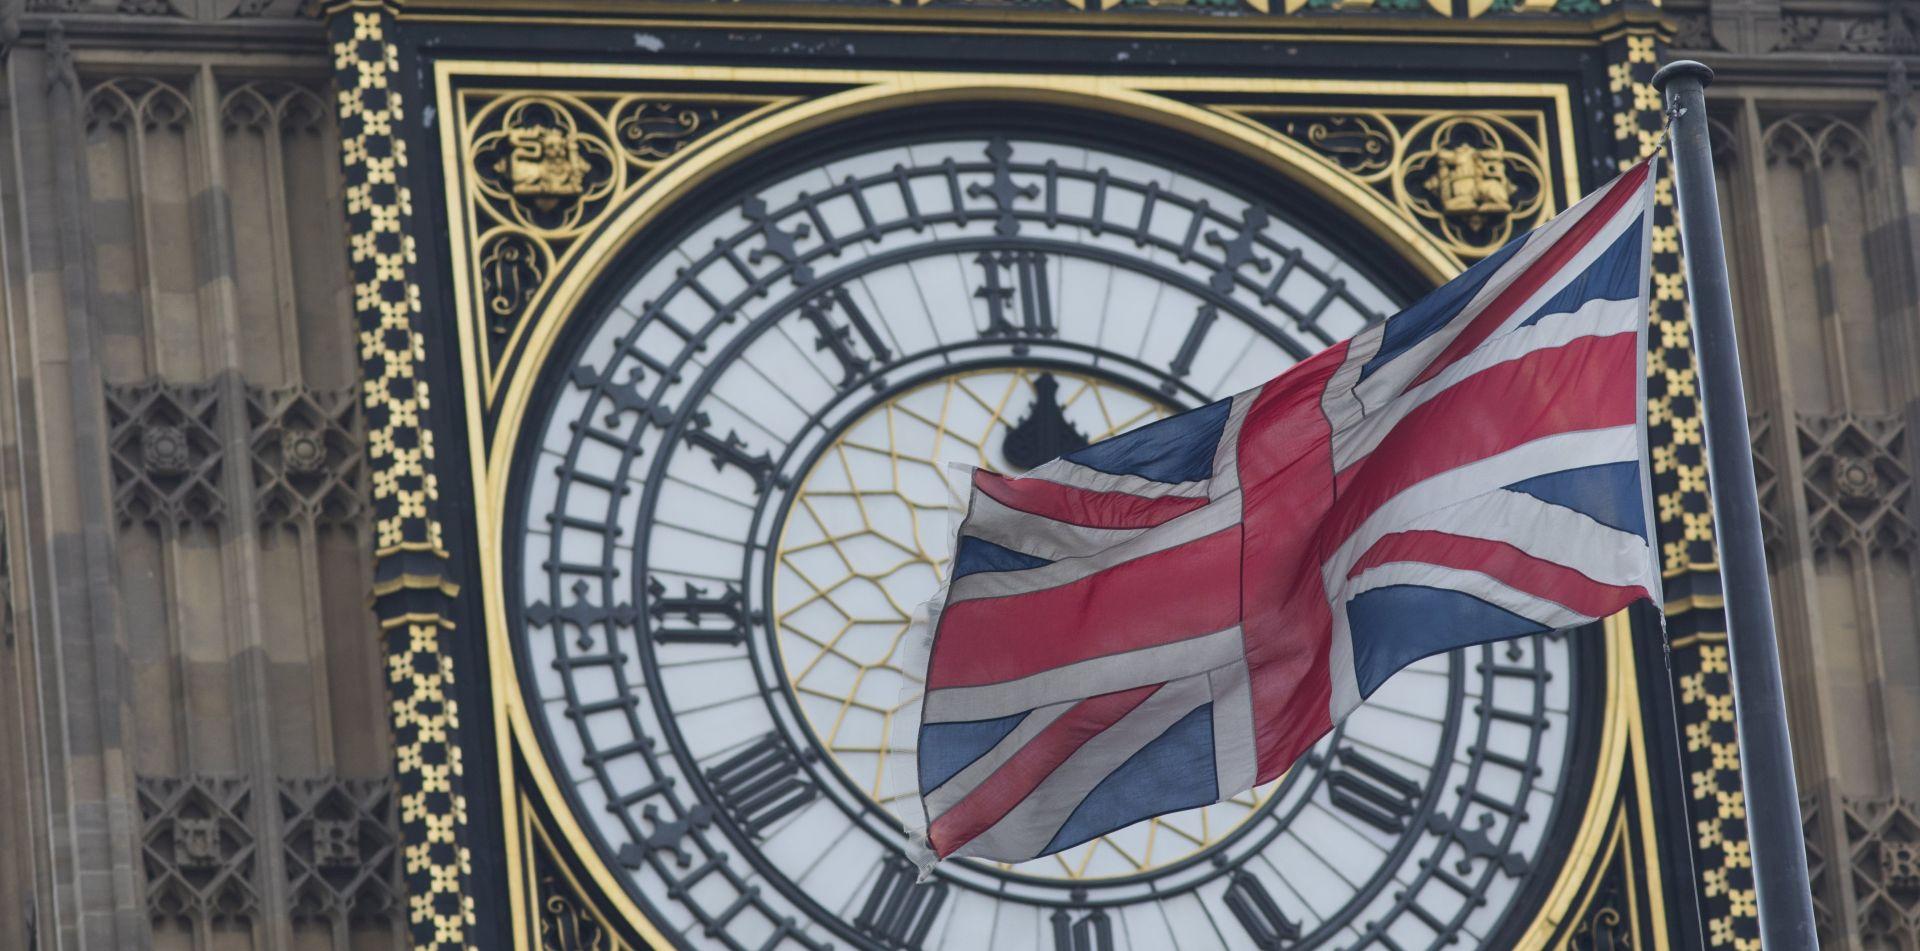 NEKI BI NAZAD Deseci tisuća ljudi prosvjeduju u Londonu protiv Brexita